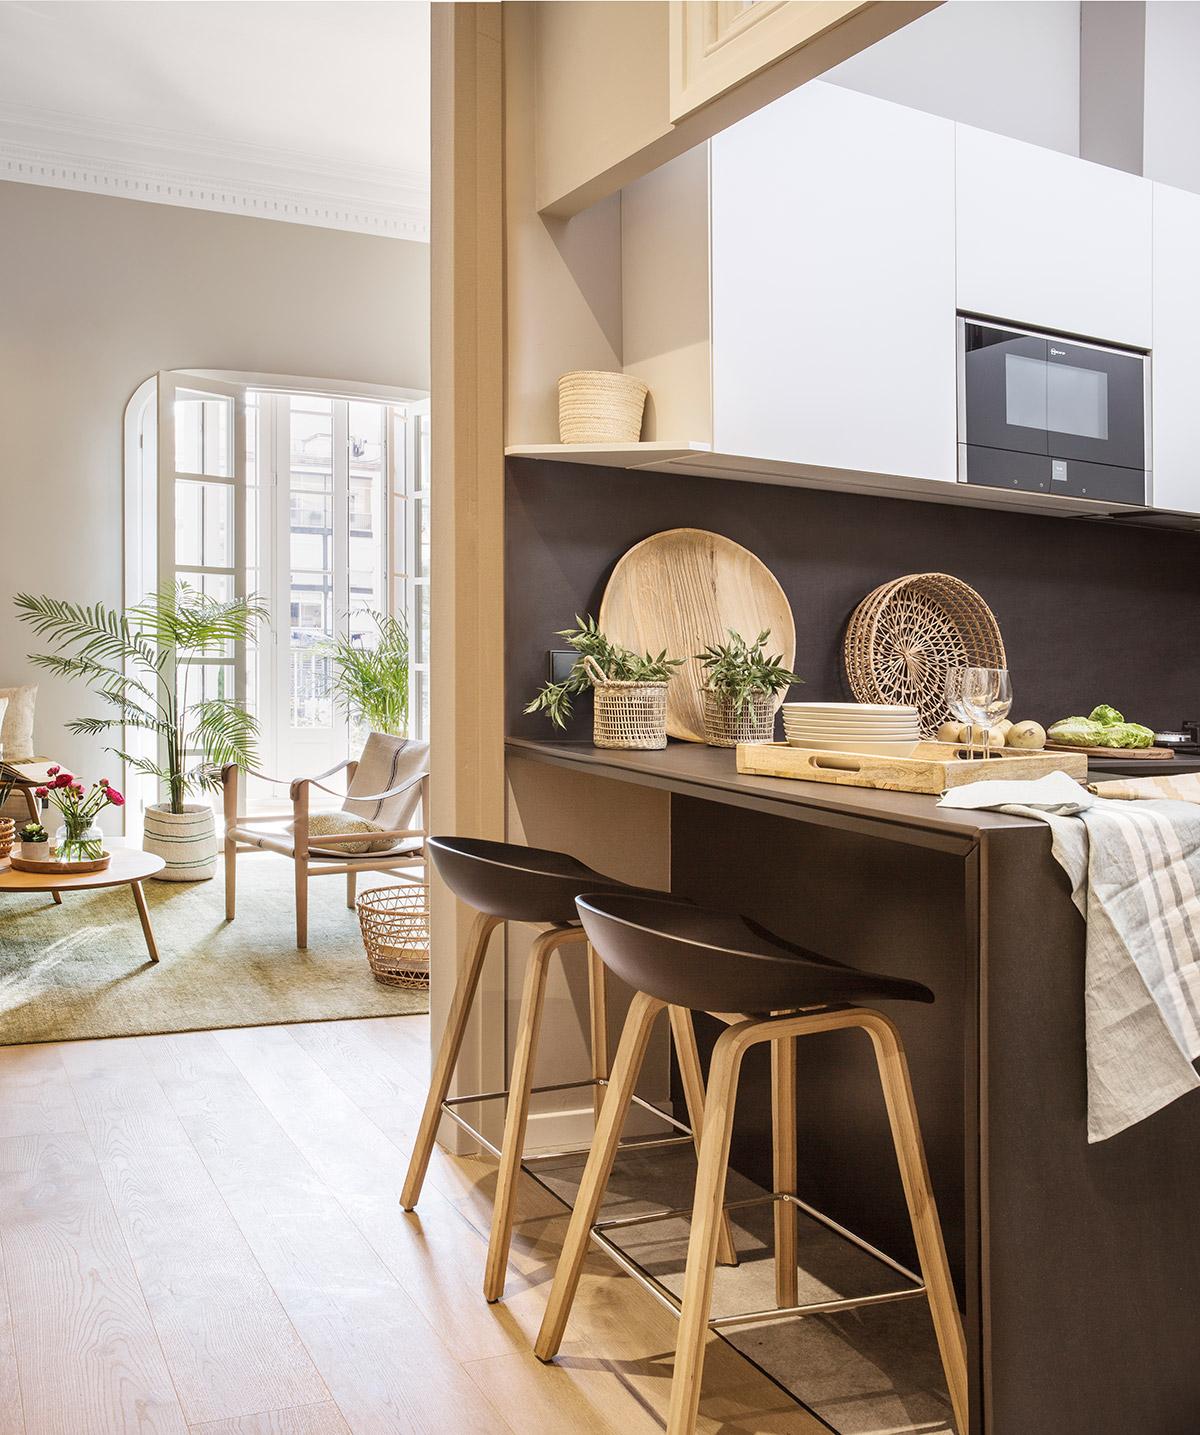 Dise o de una cocina con barra de desayuno for Barras de cocina de concreto